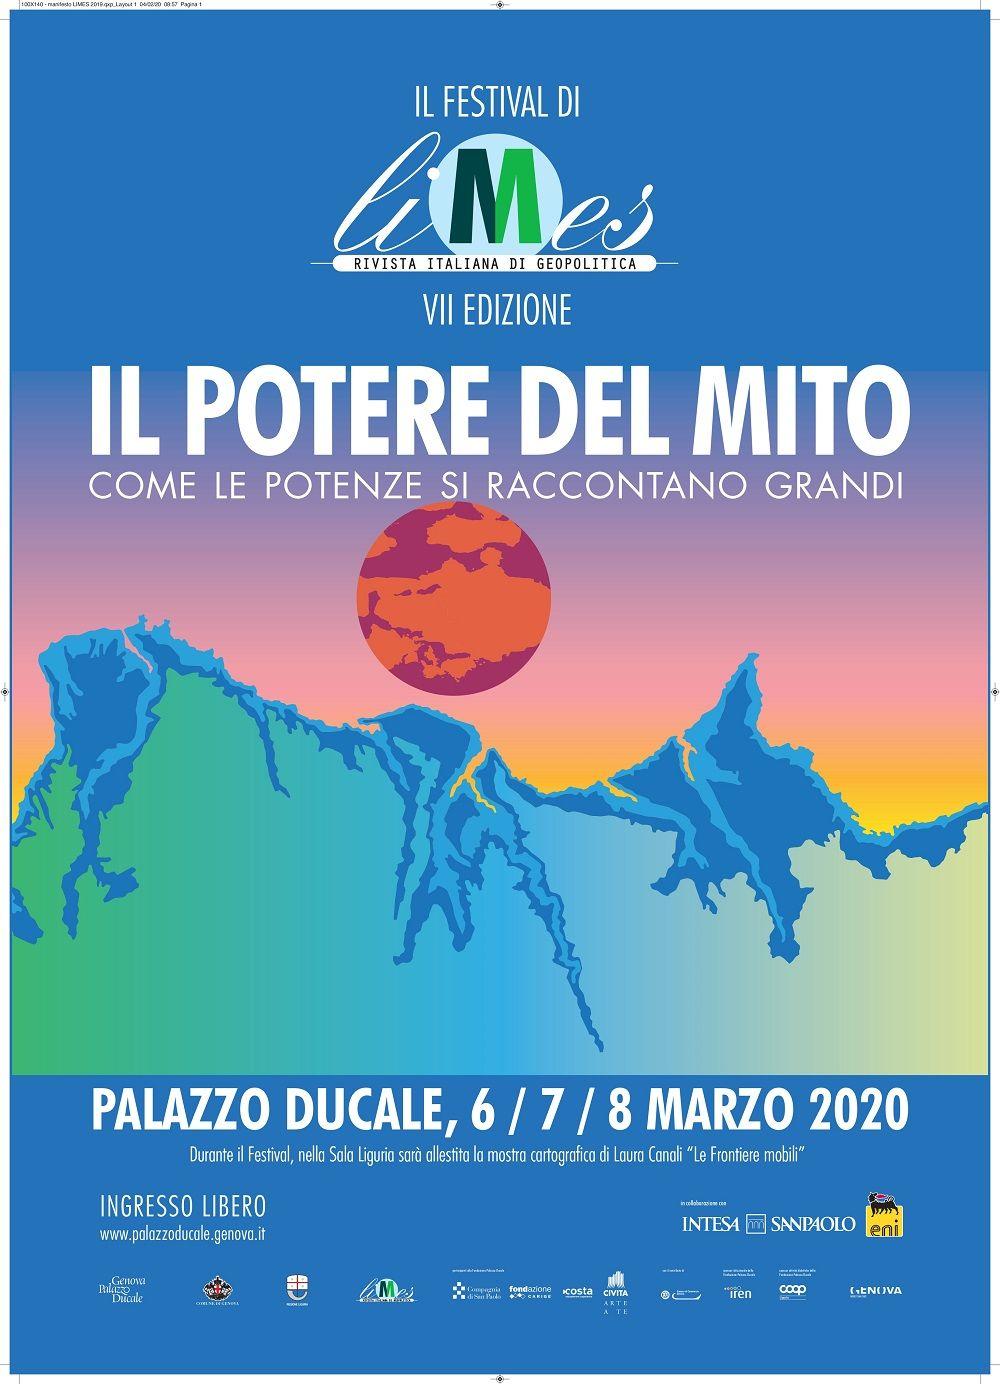 locandina_potere_del_mito_limesfestival_2020